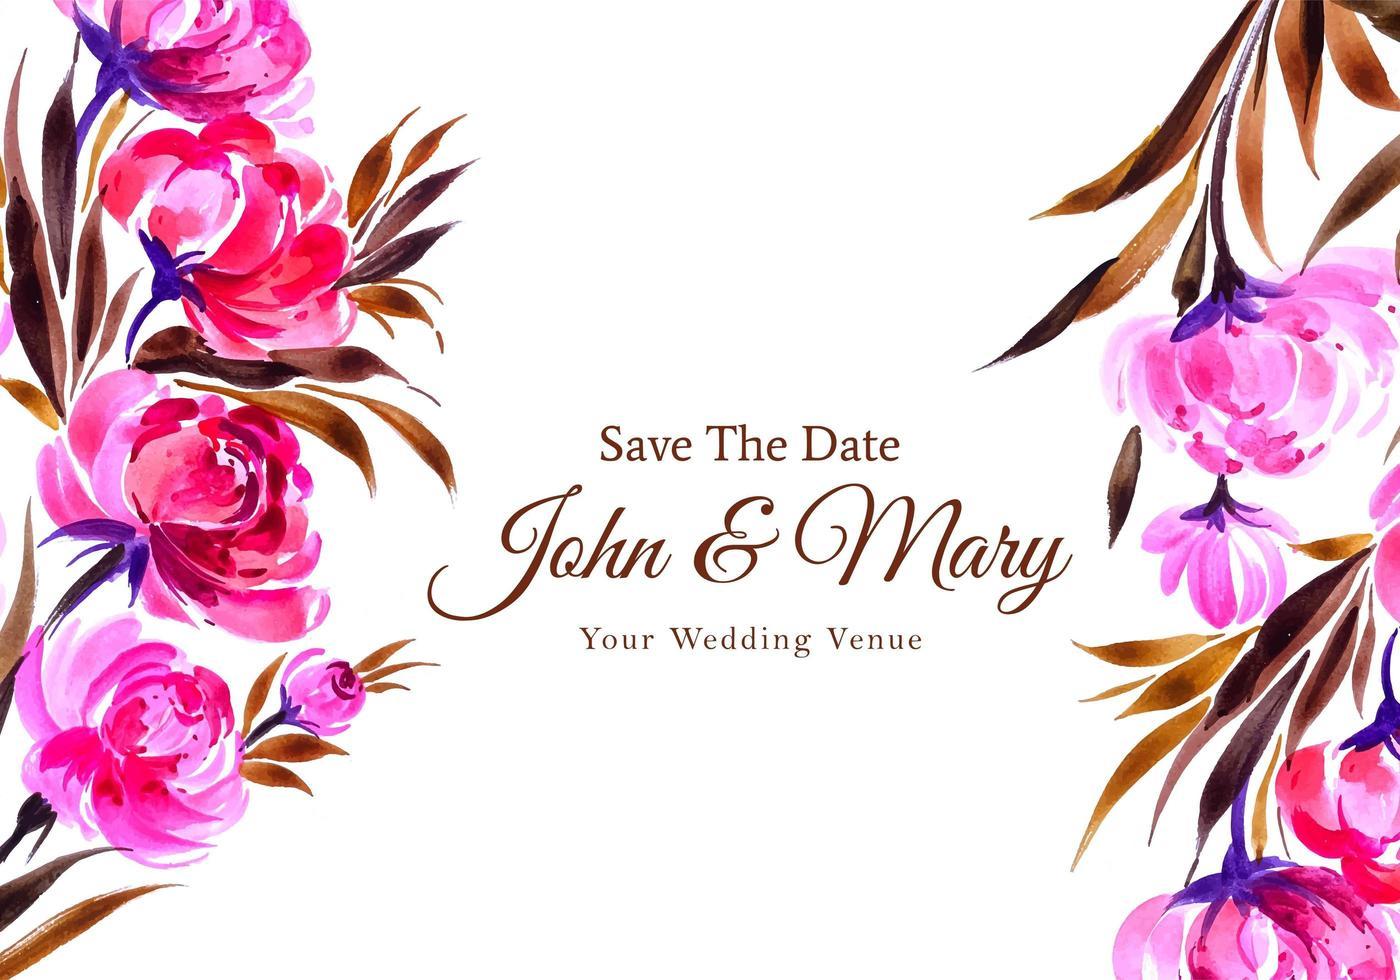 carta di fiori decorativi dell'acquerello dell'invito di nozze vettore